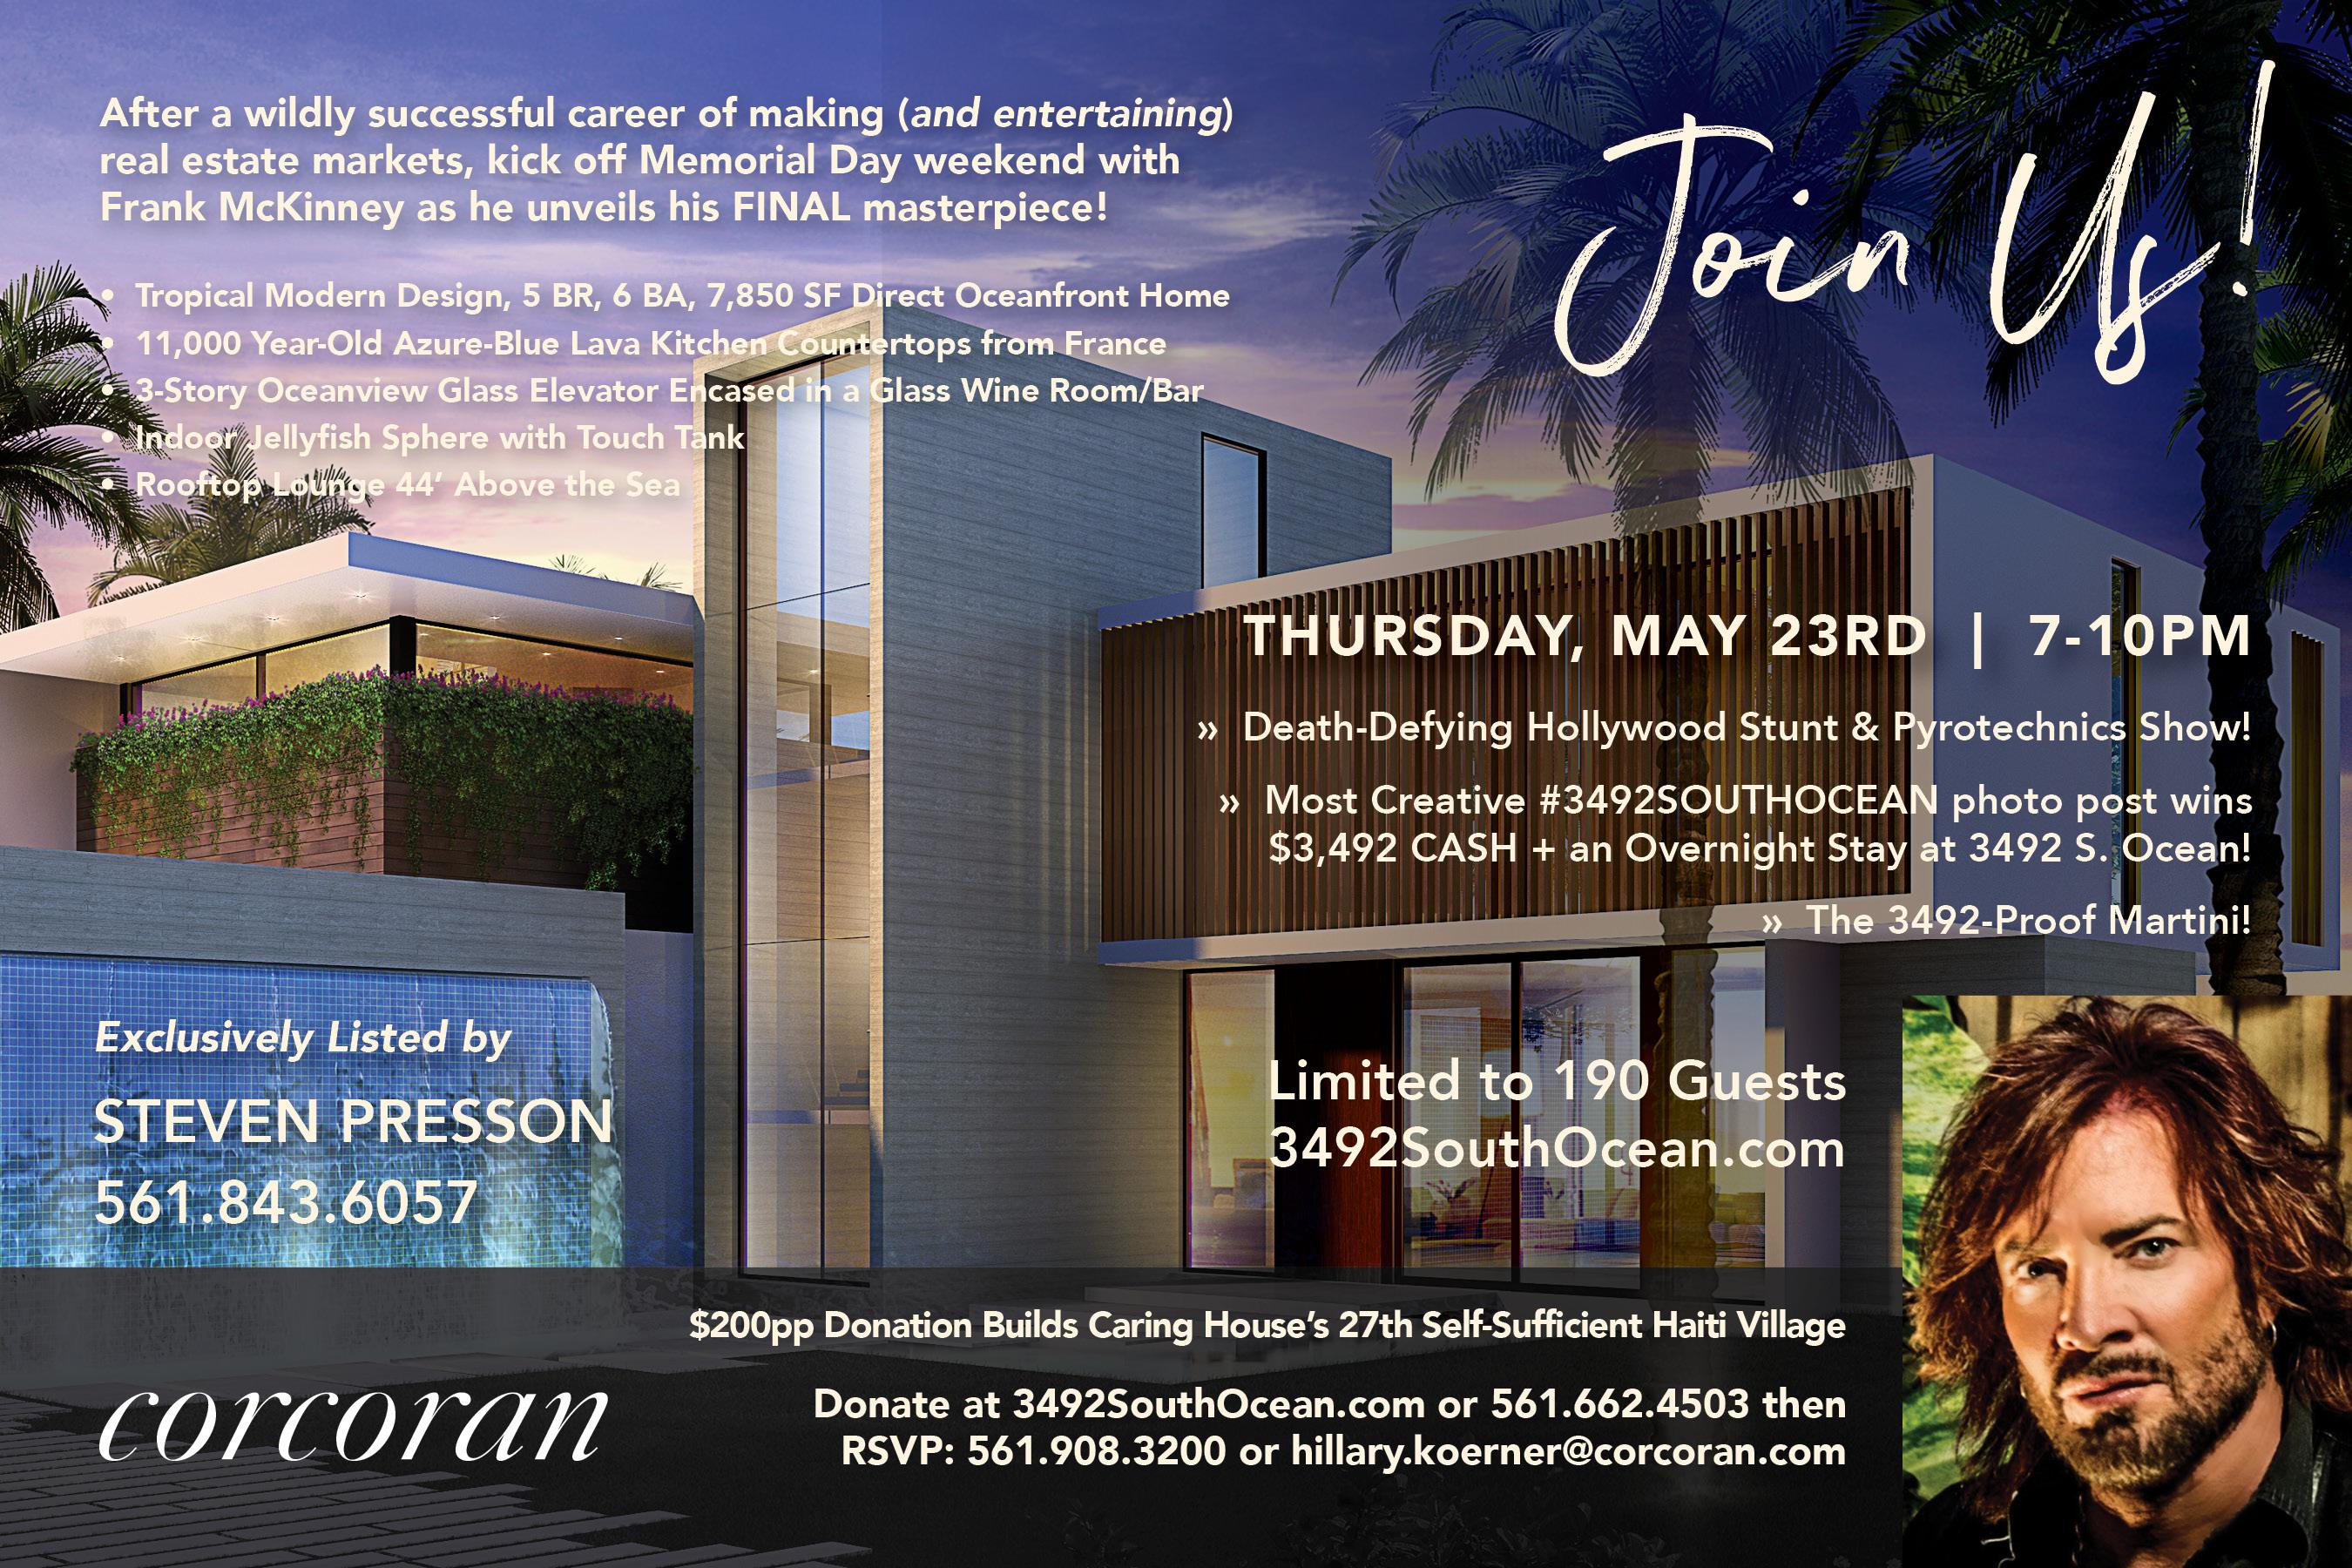 Thursday may 22nd celebrity